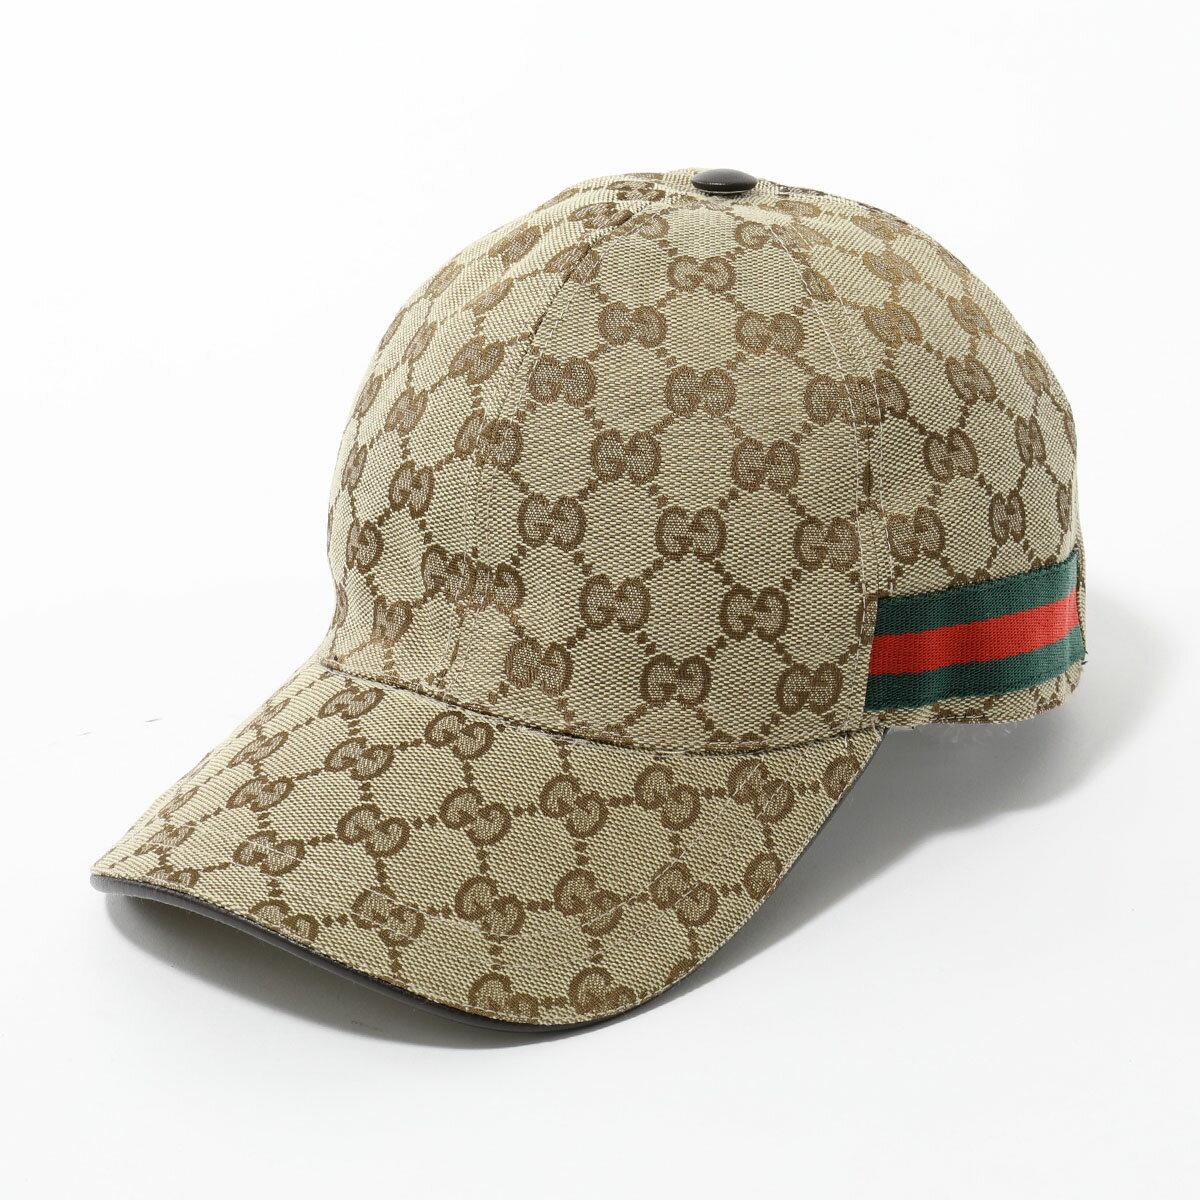 GUCCI グッチ 200035 KQWBG オリジナルGGキャンバス ベースボールキャップ 帽子 ウェブライン カラー9791/BEIGE ユニセックス